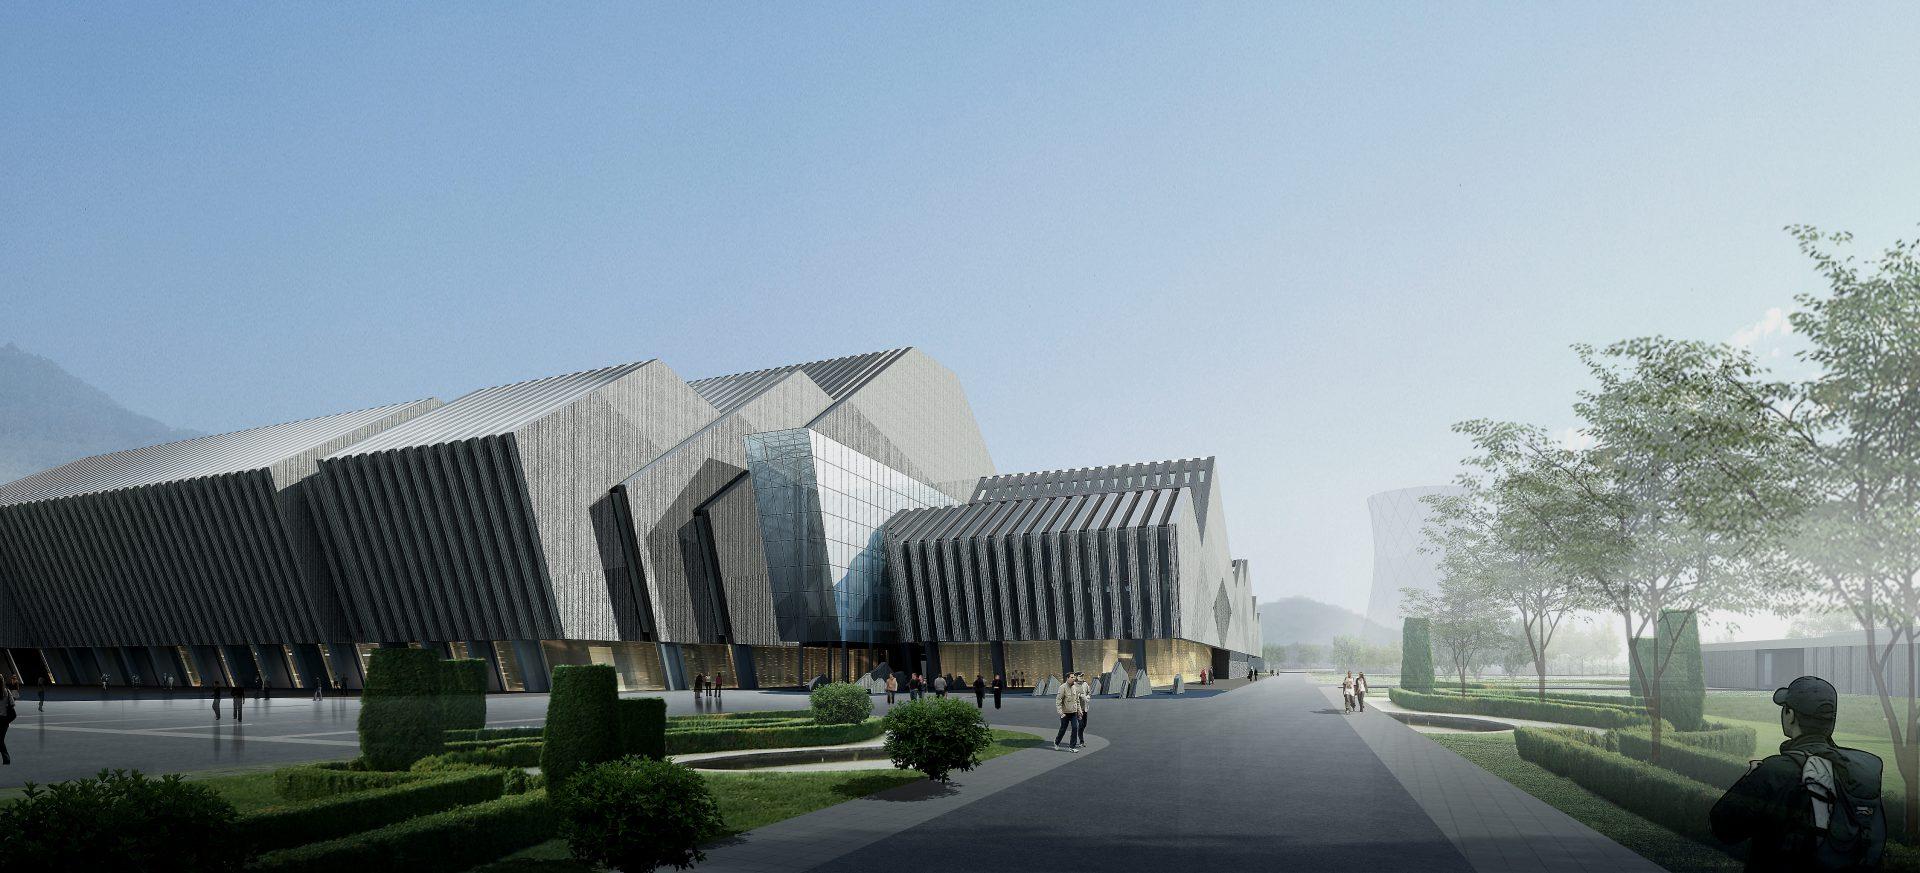 办公室_重庆市第三垃圾焚烧发电厂 – 汤桦建筑设计事务所